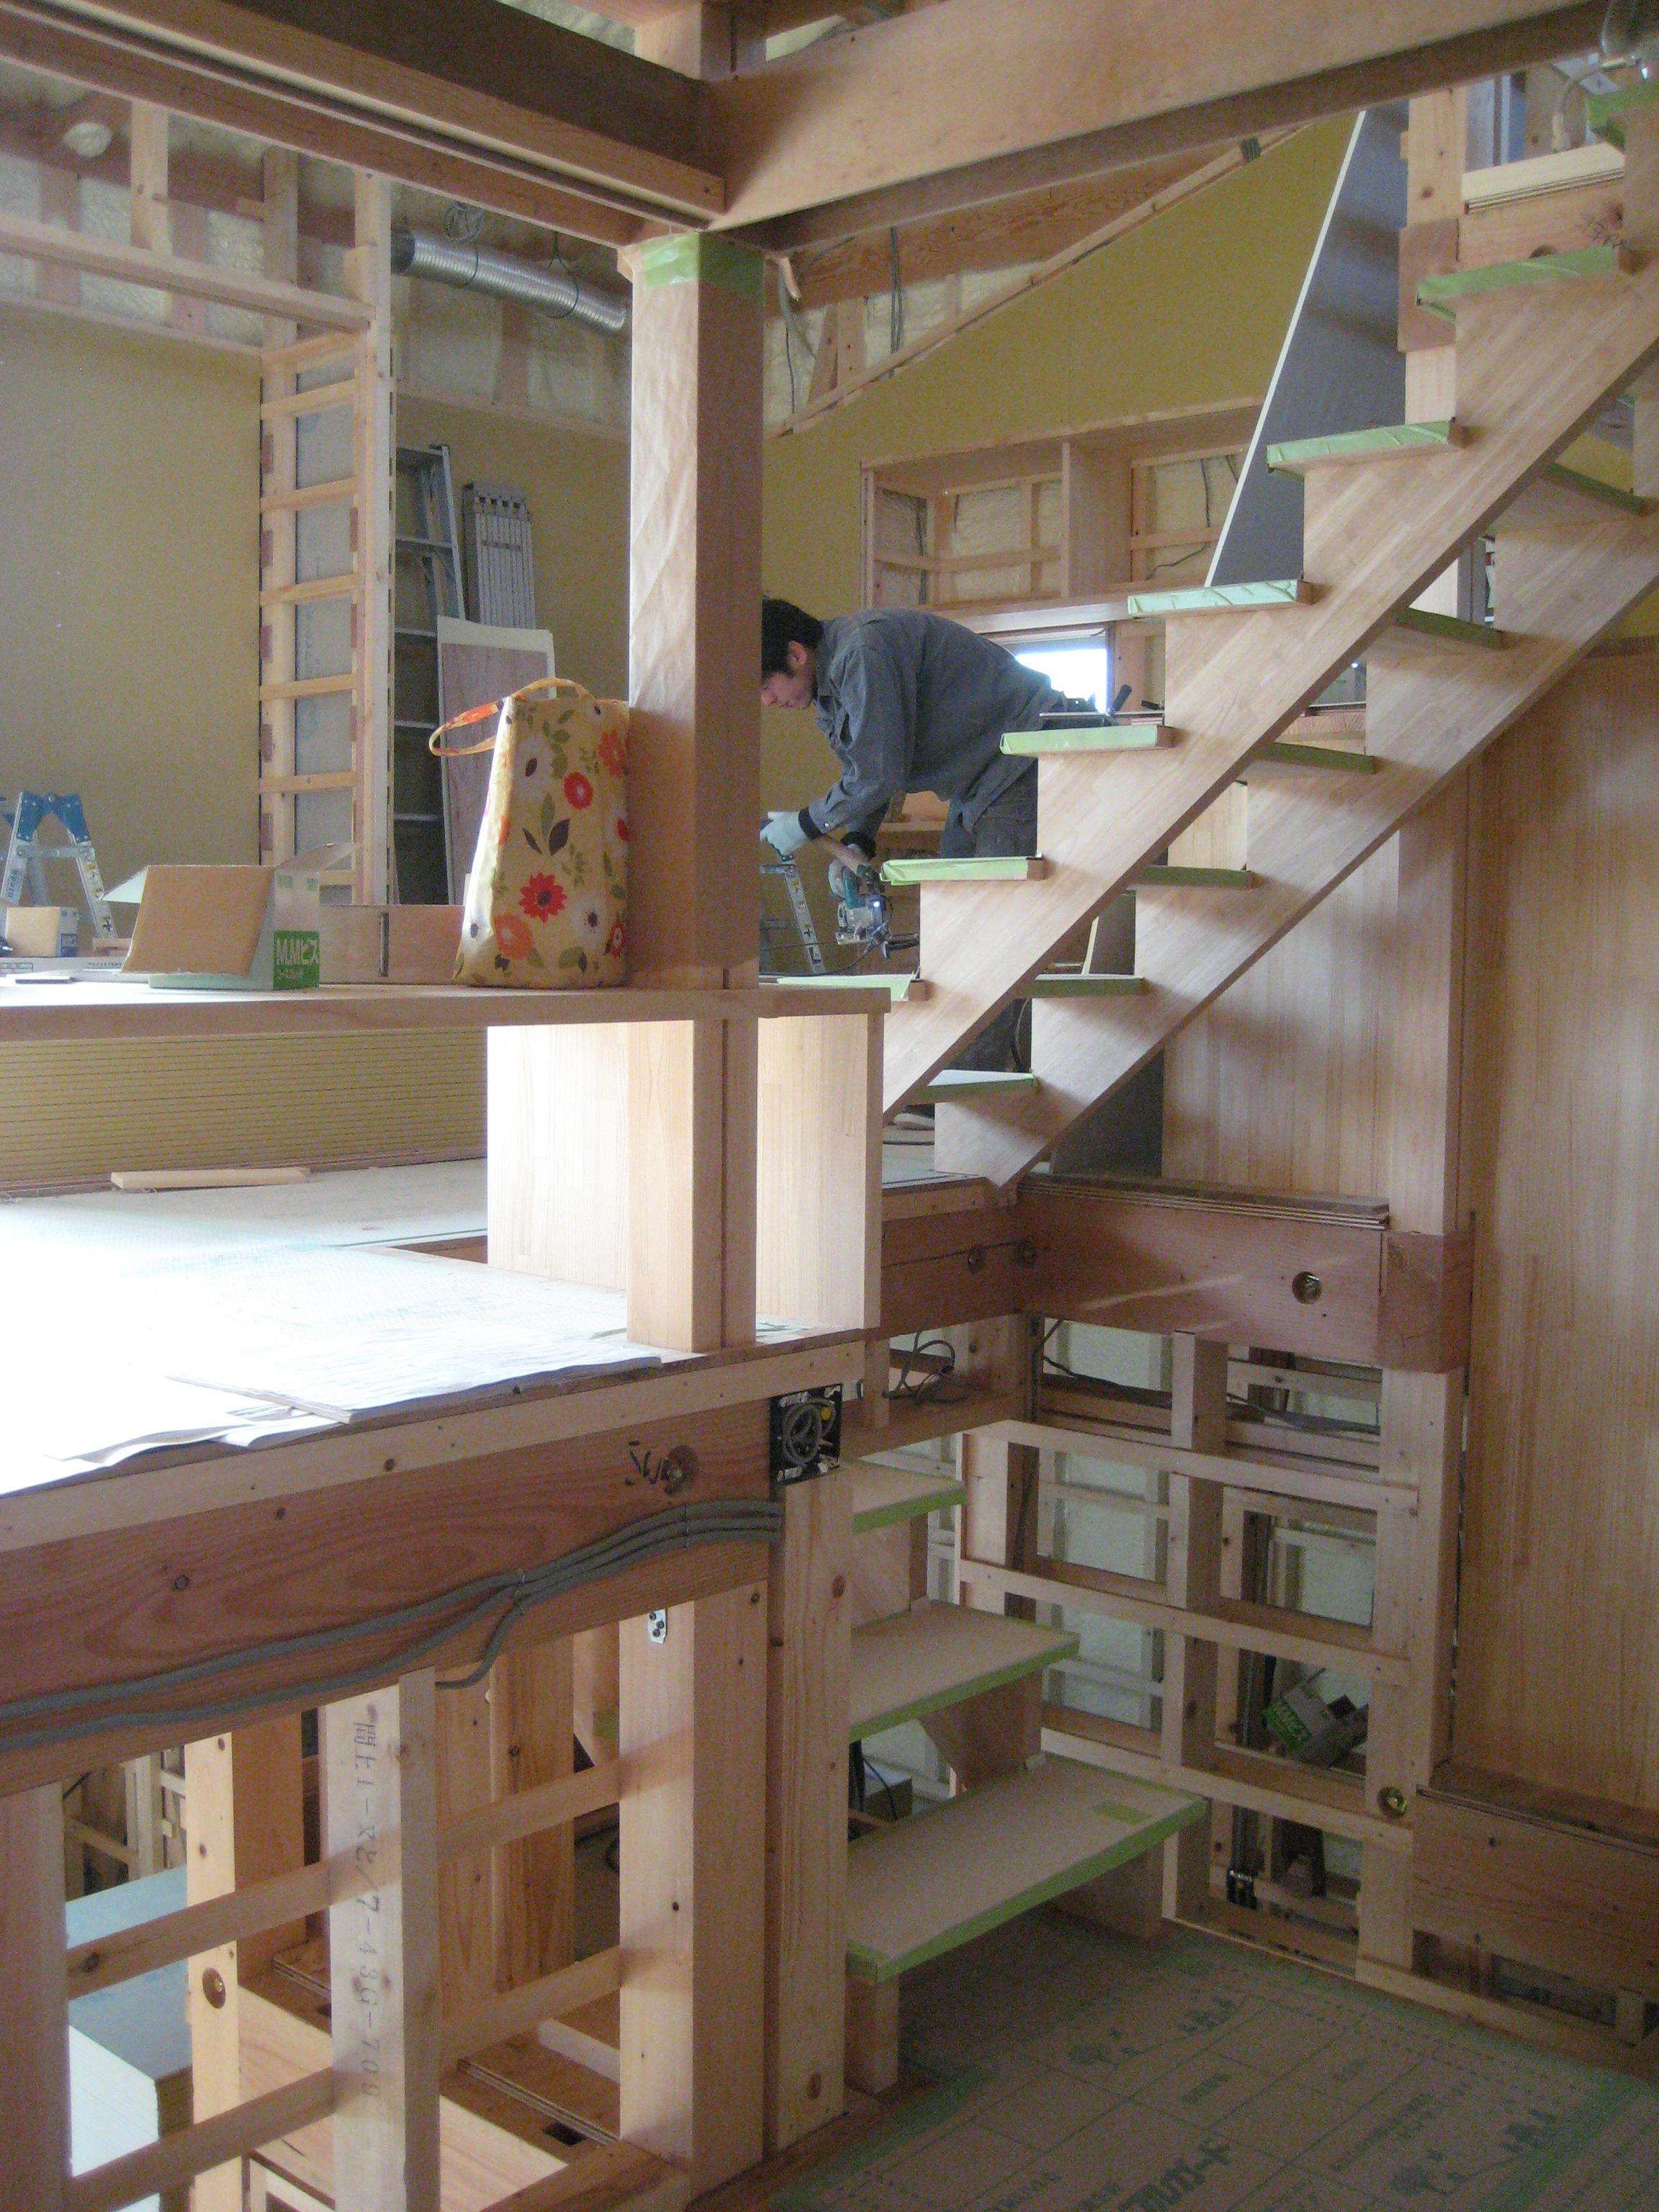 愛知県東海市「荒尾の家」木造住宅 スキップフロアー